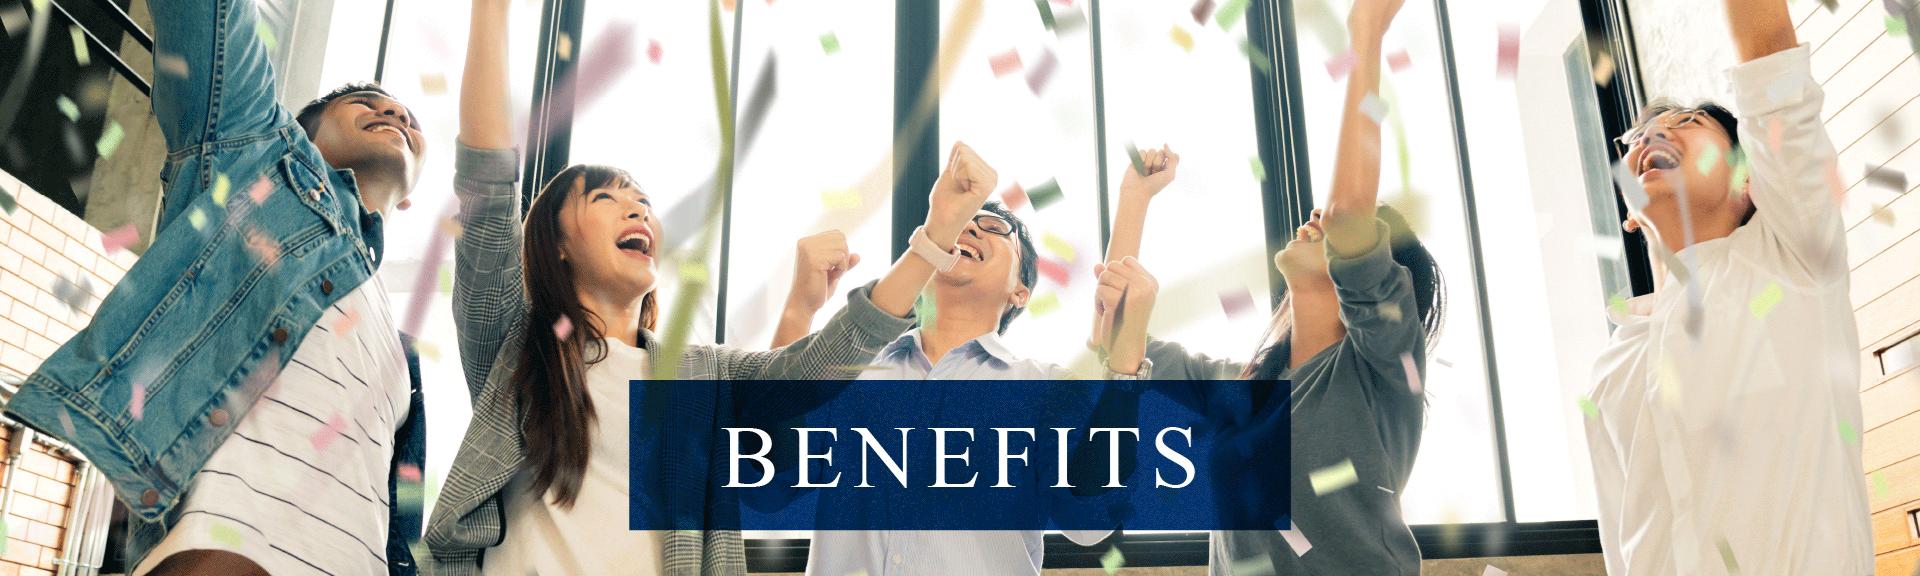 Benefits Desktop